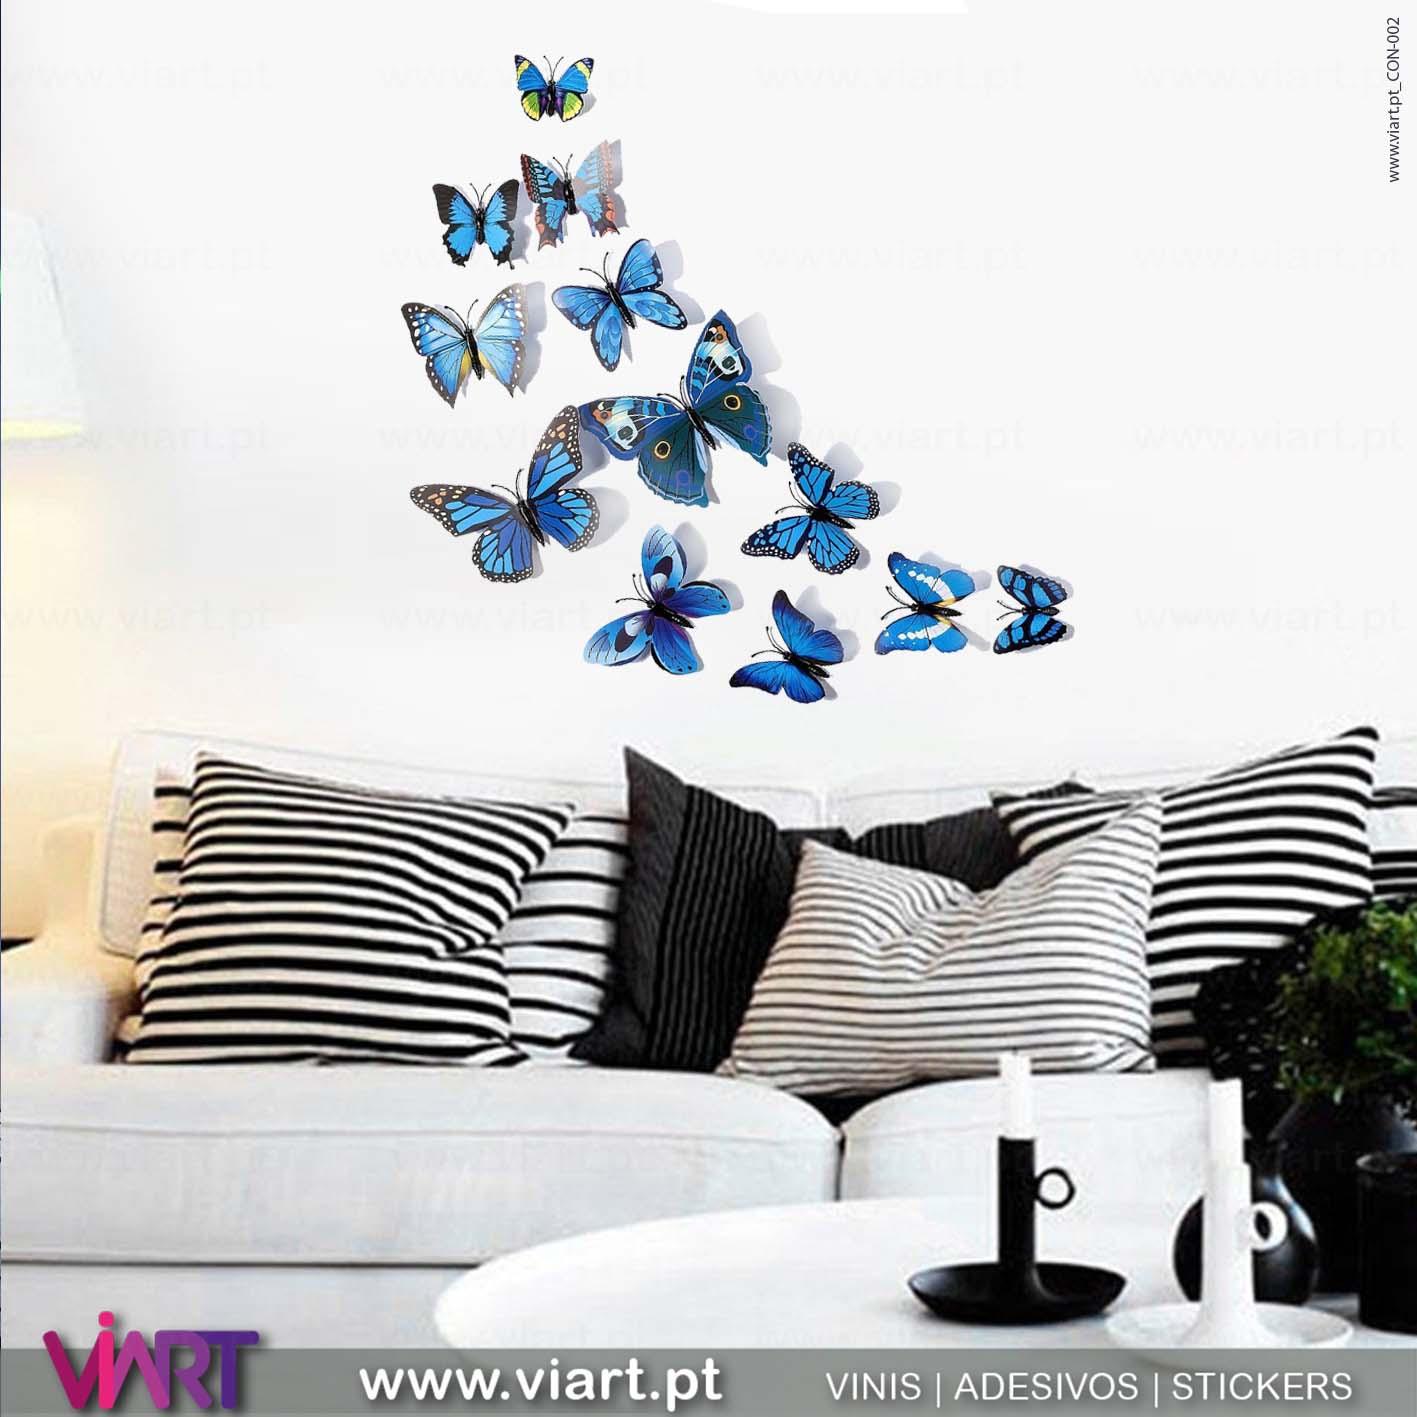 Viart - Vinis autocolantes decorativos - Adesivo decoração - Borboletas AzuisBorboletas Azuis! Magnéticas! Efeito 3D